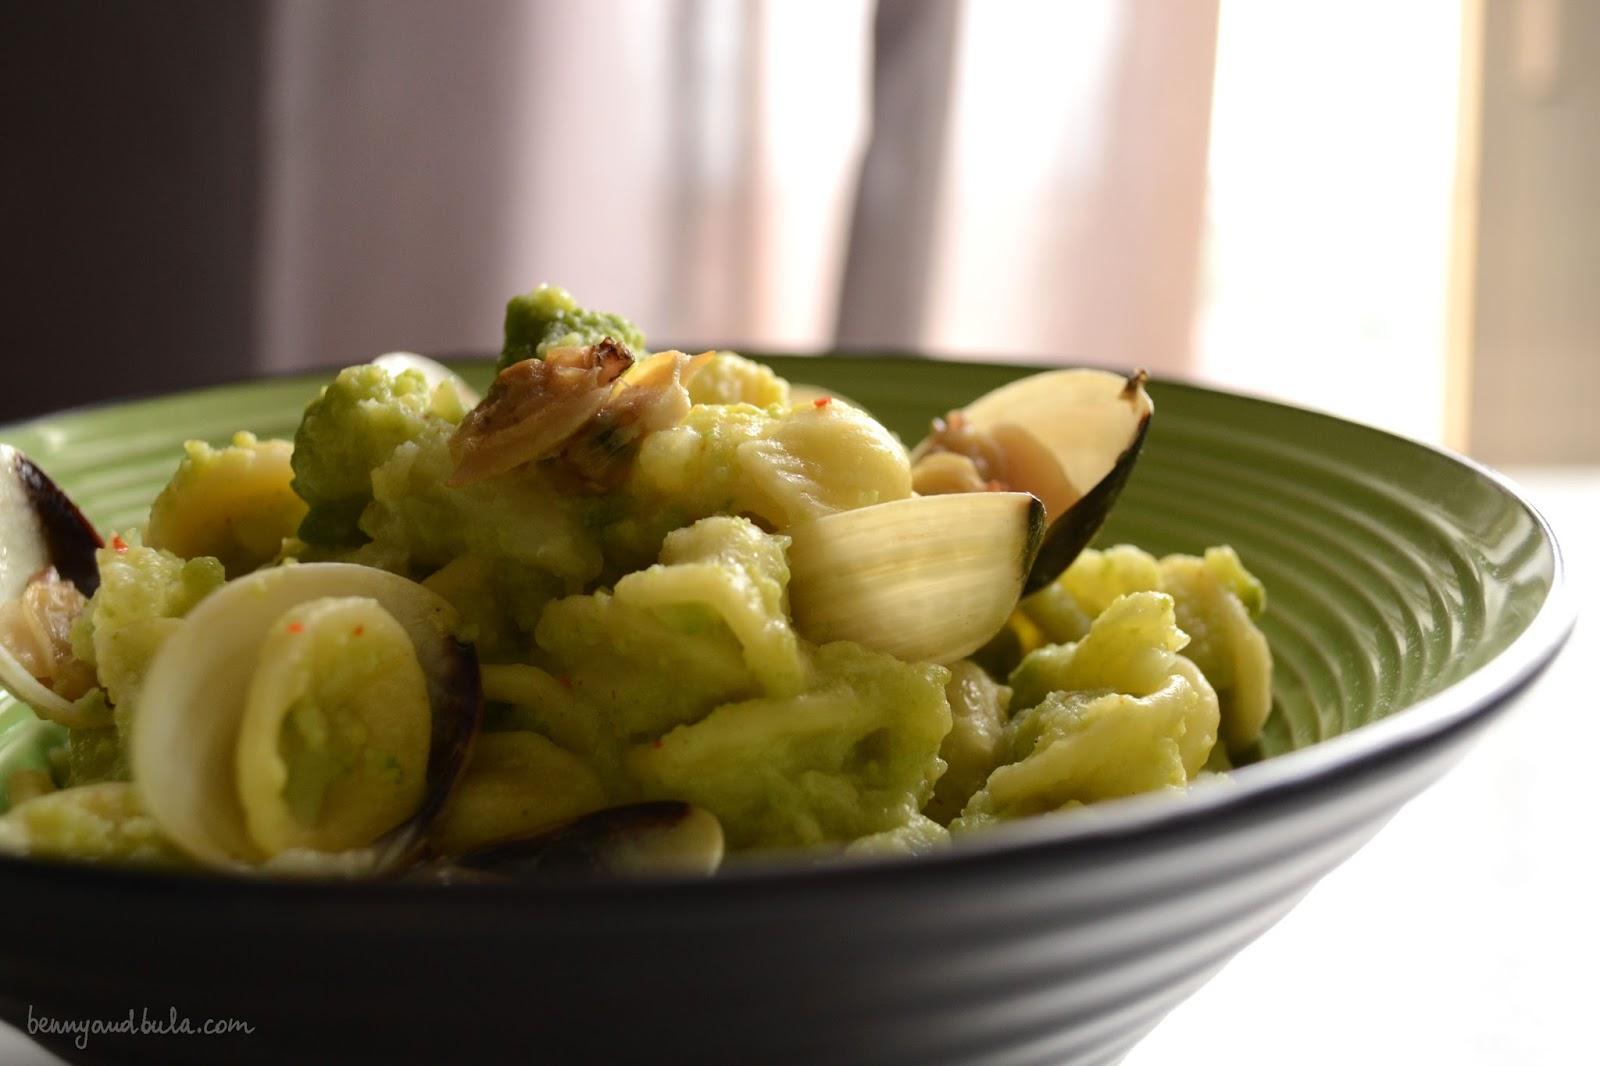 ricetta orecchiette broccolo romanesco e vongole/ roman broccolo and cockles pasta recipe